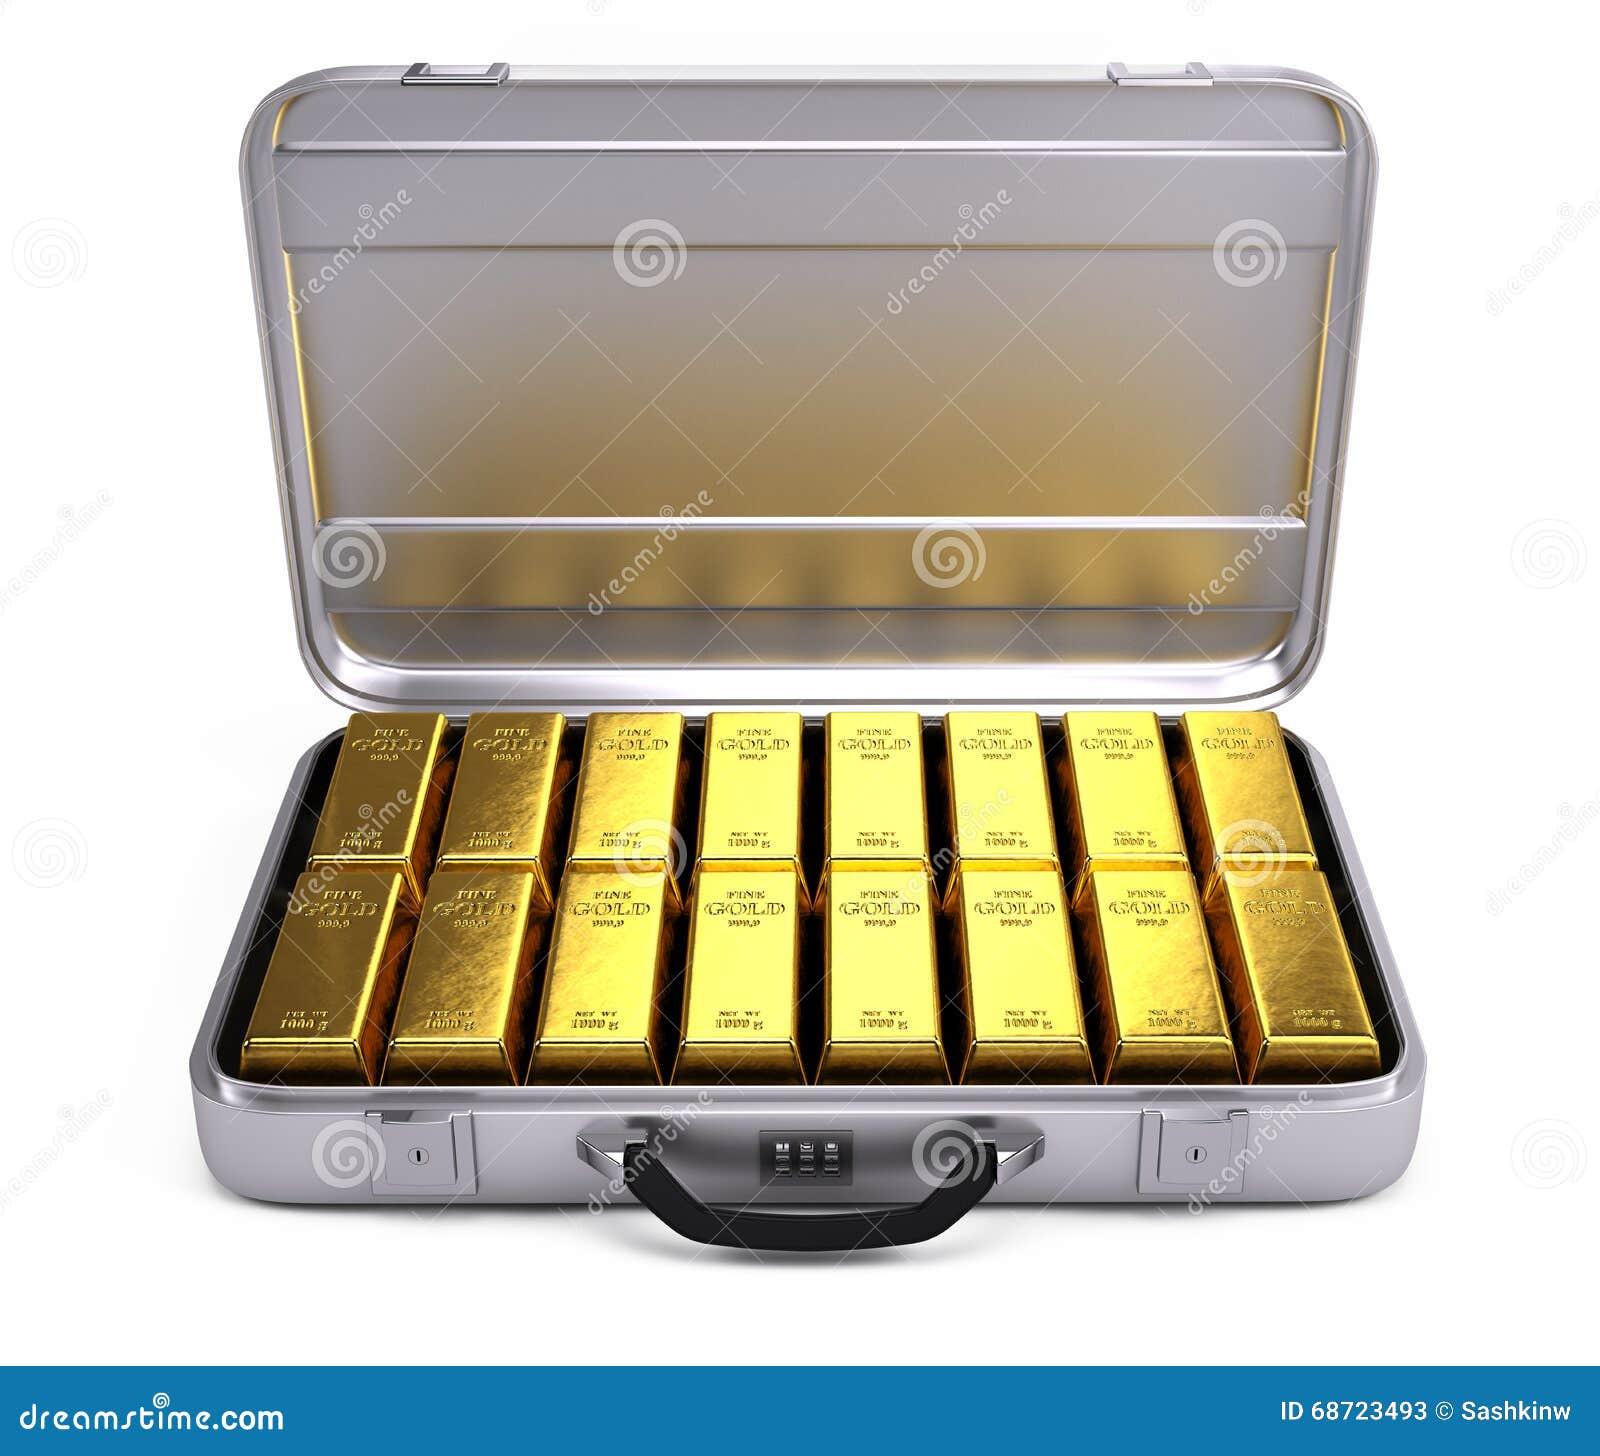 Раскрытый случай с золотом в слитках